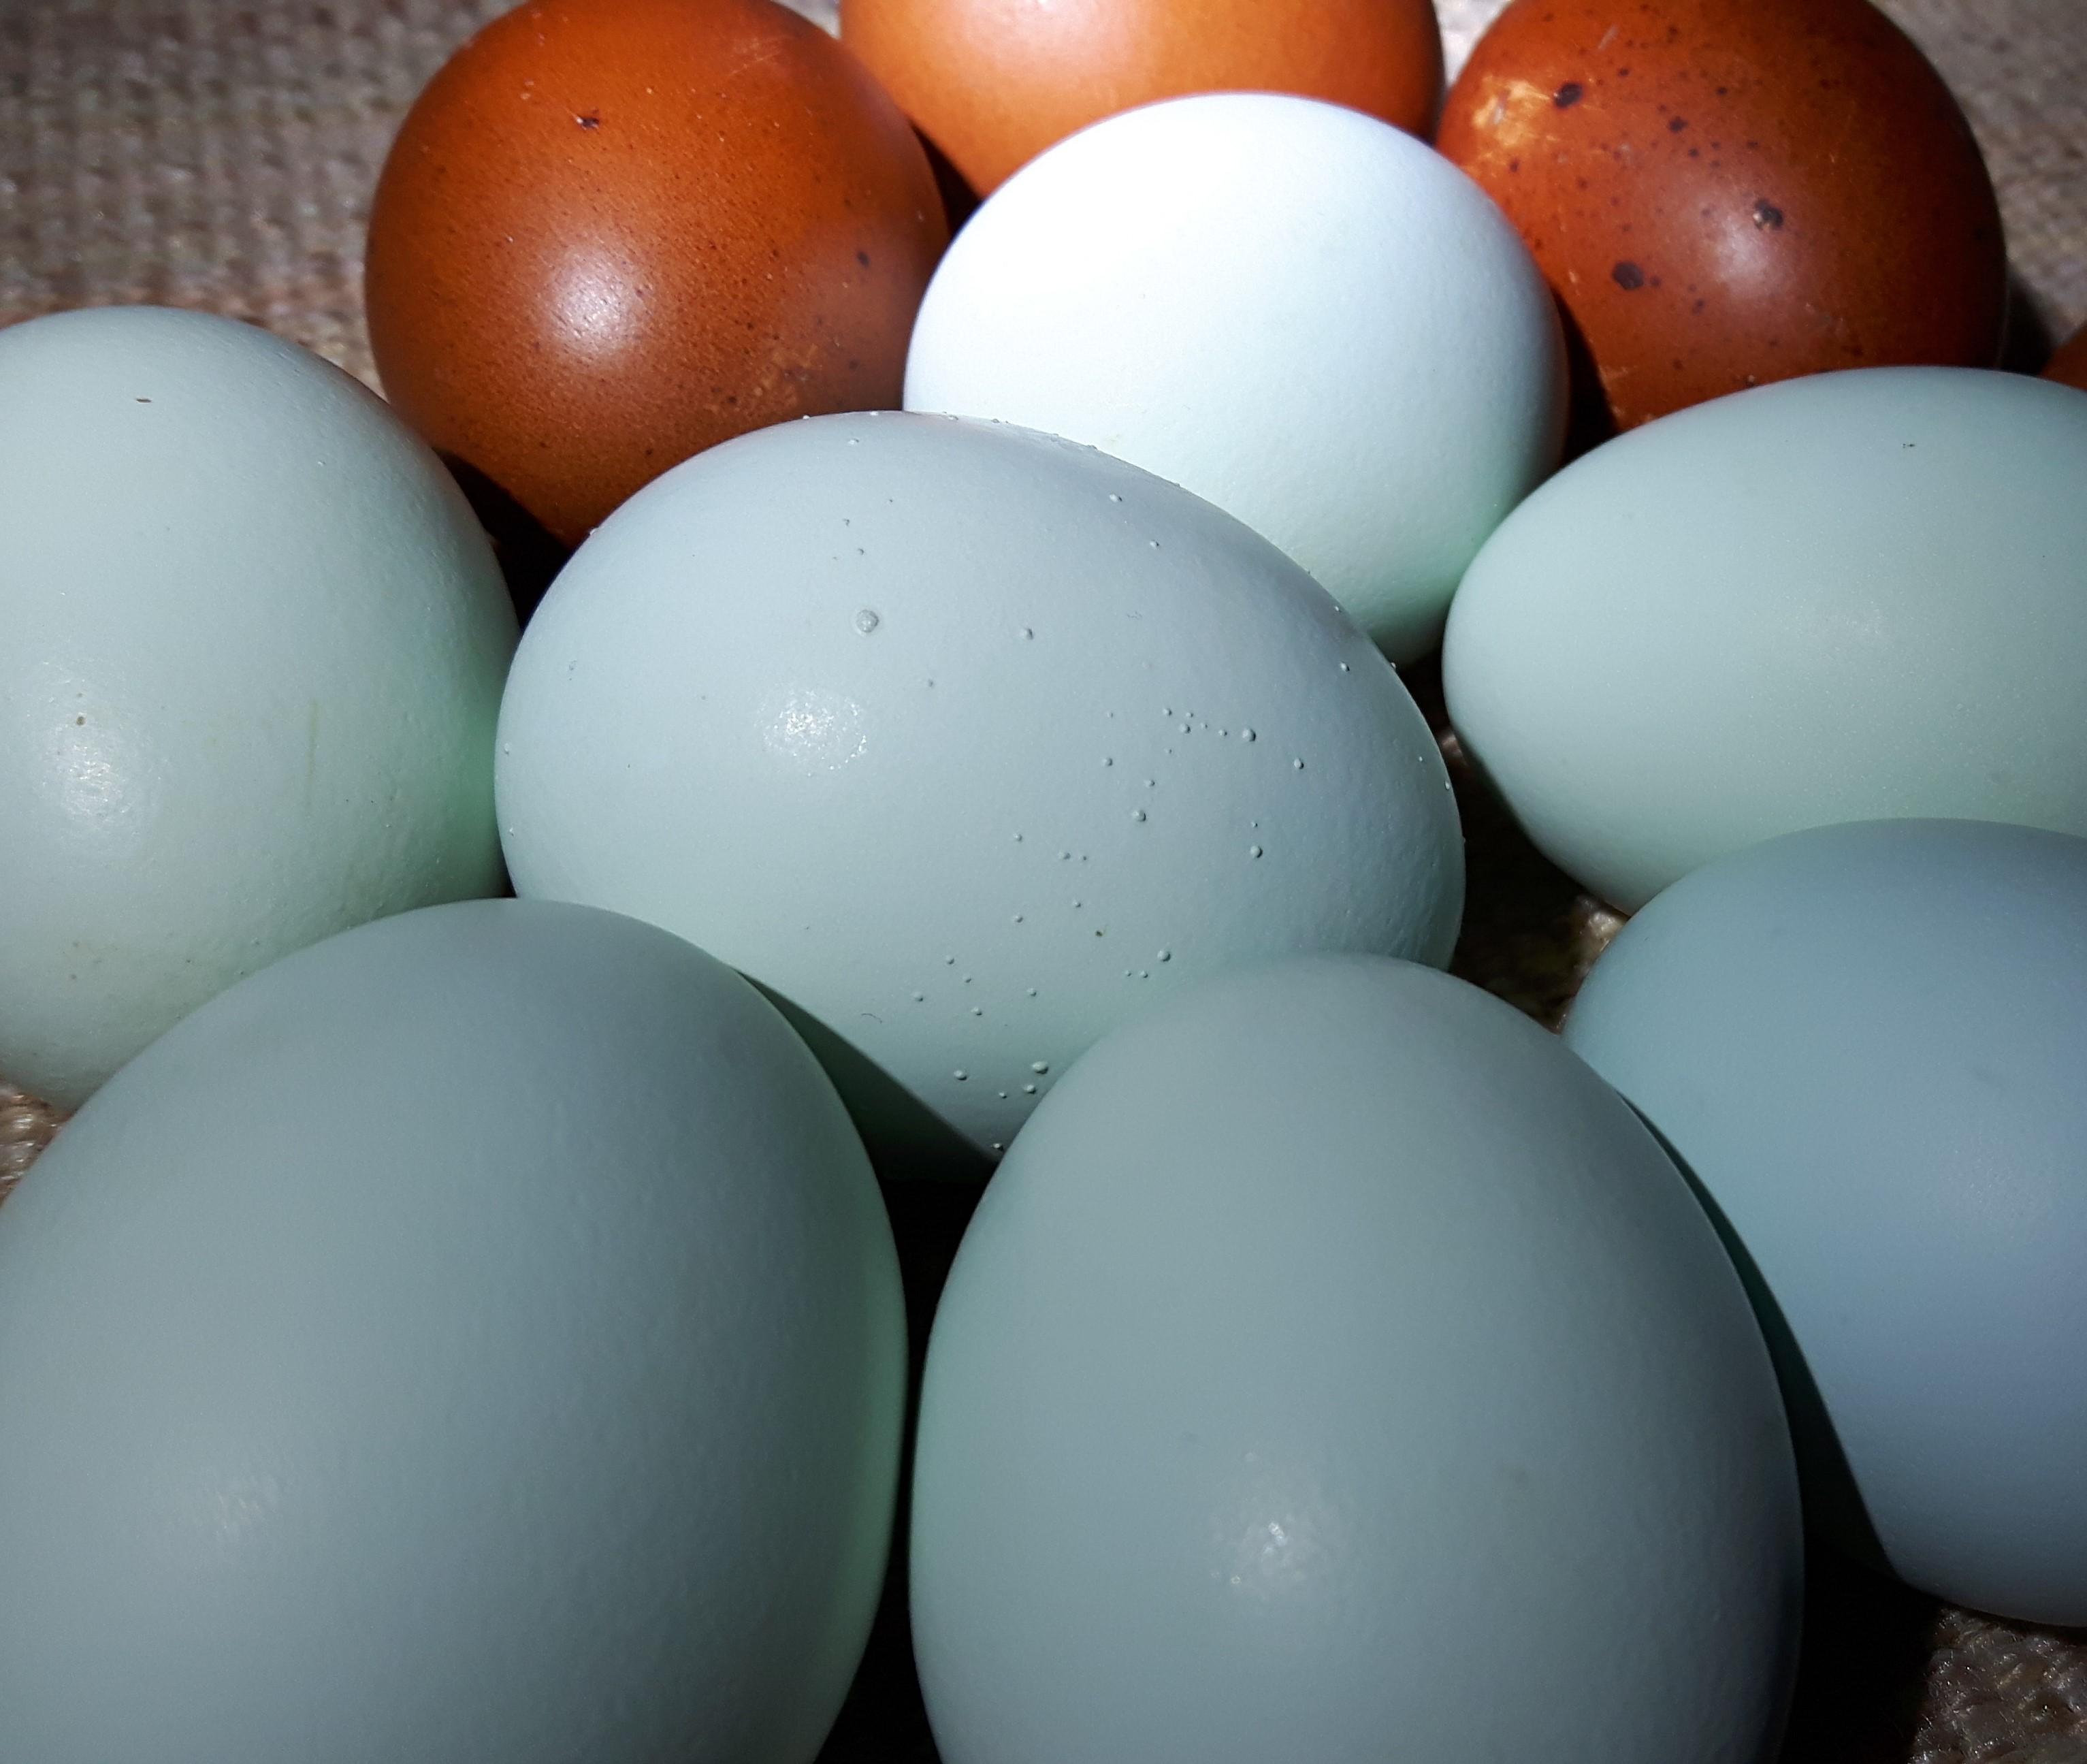 Амераукана - мясо-яичная порода кур. Описание, основные характеристики, особенности разведения и содержания, кормление